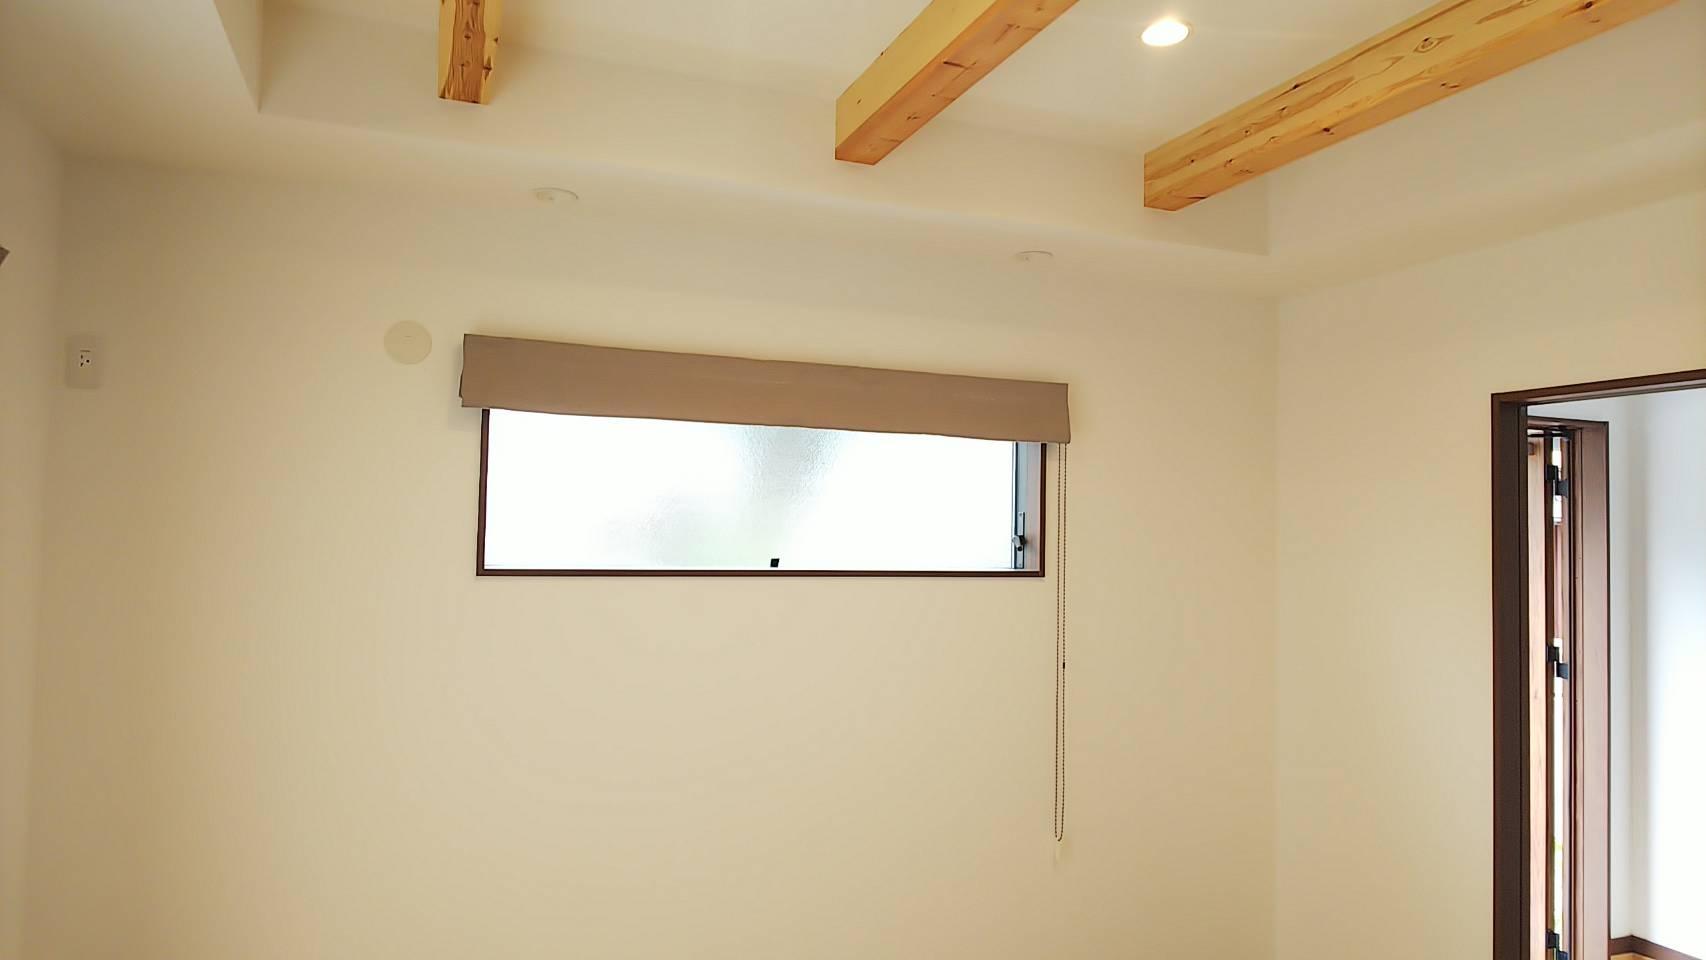 天然素材のカーテン施工させていただきました✨_f0196294_10272396.jpg